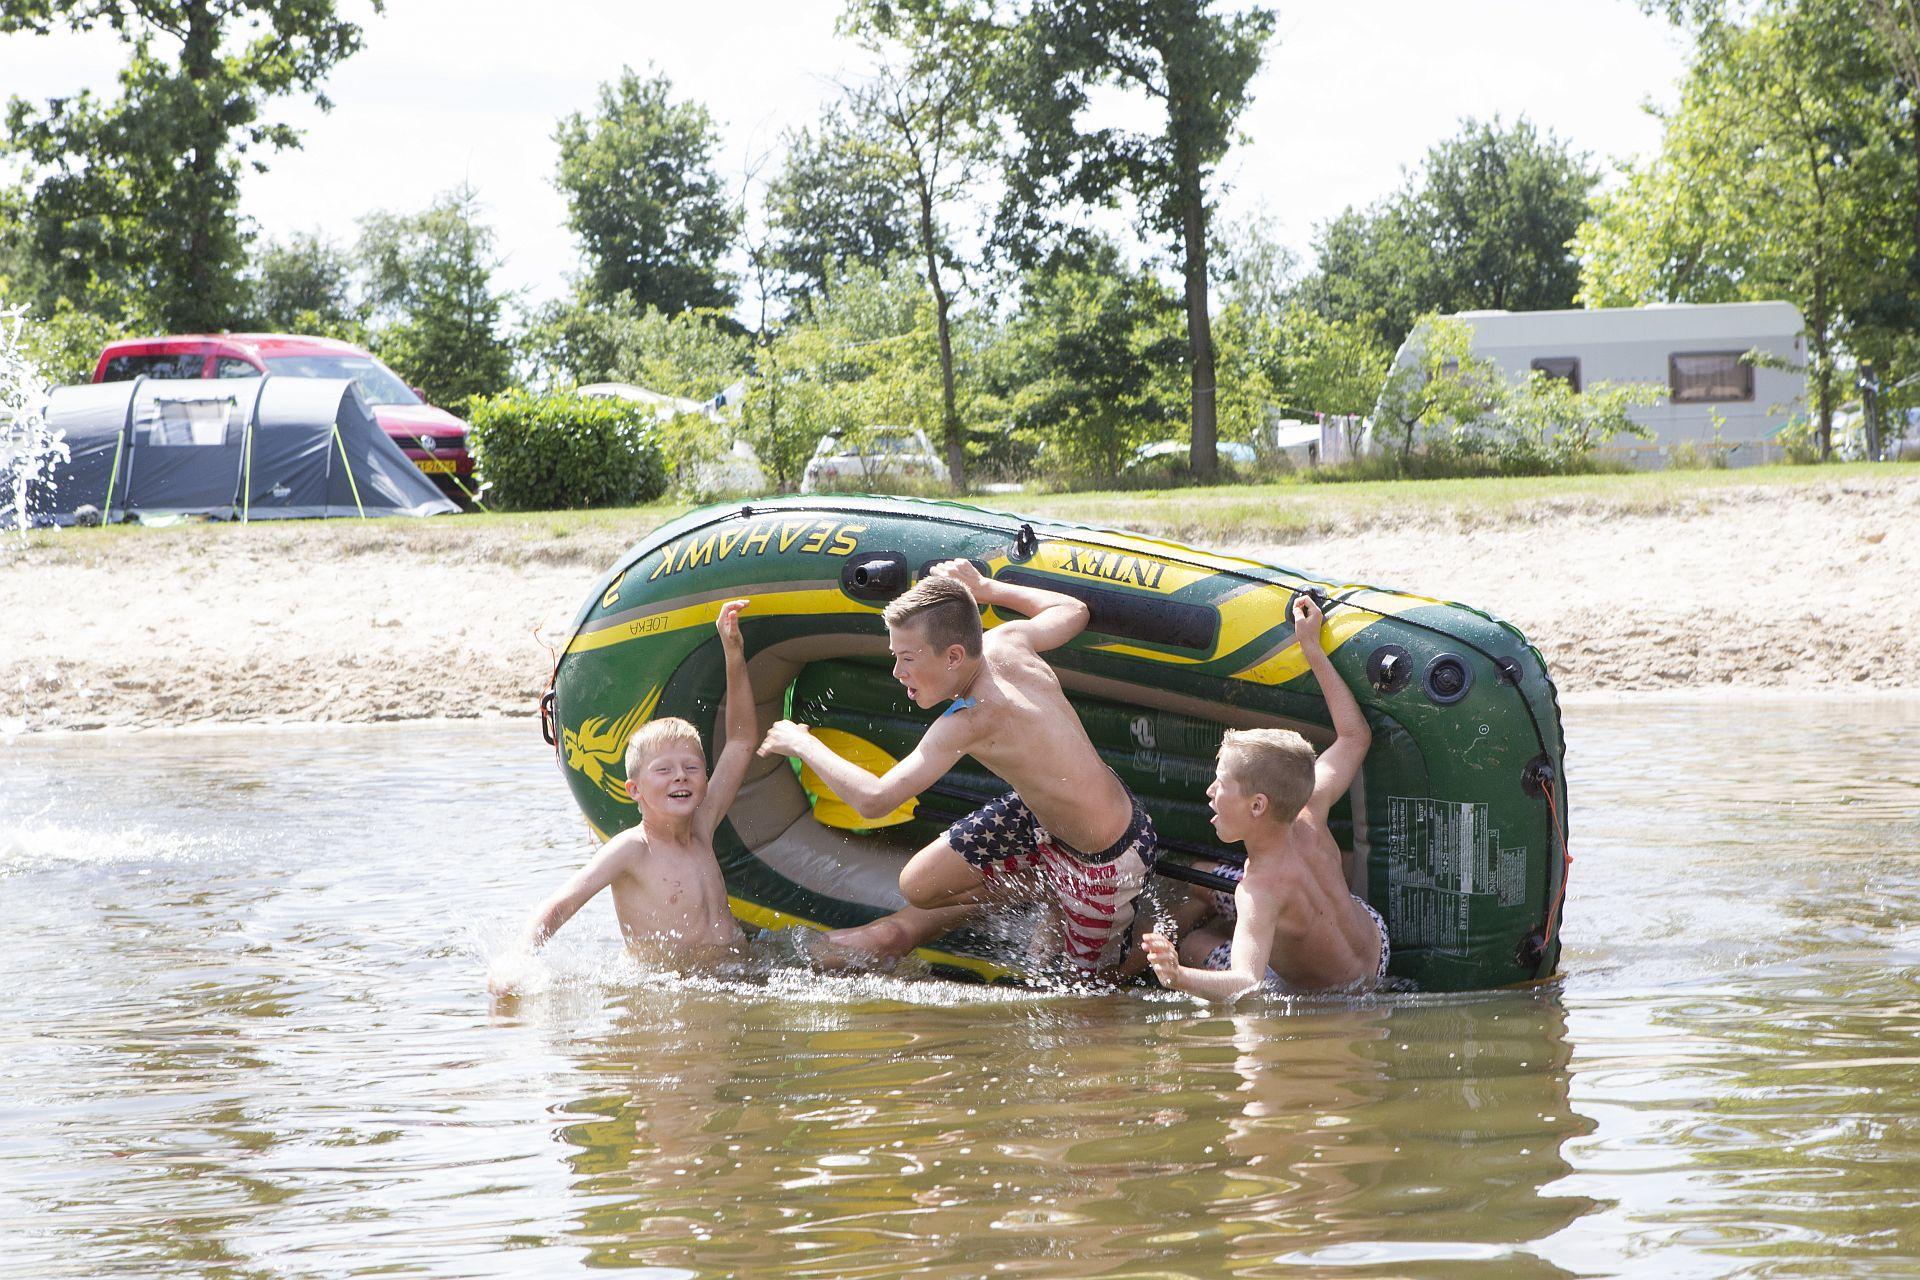 Gezinscamping in de buurt van Drenthe met 5* voorzieningen - Gezinscamping in Drenthe